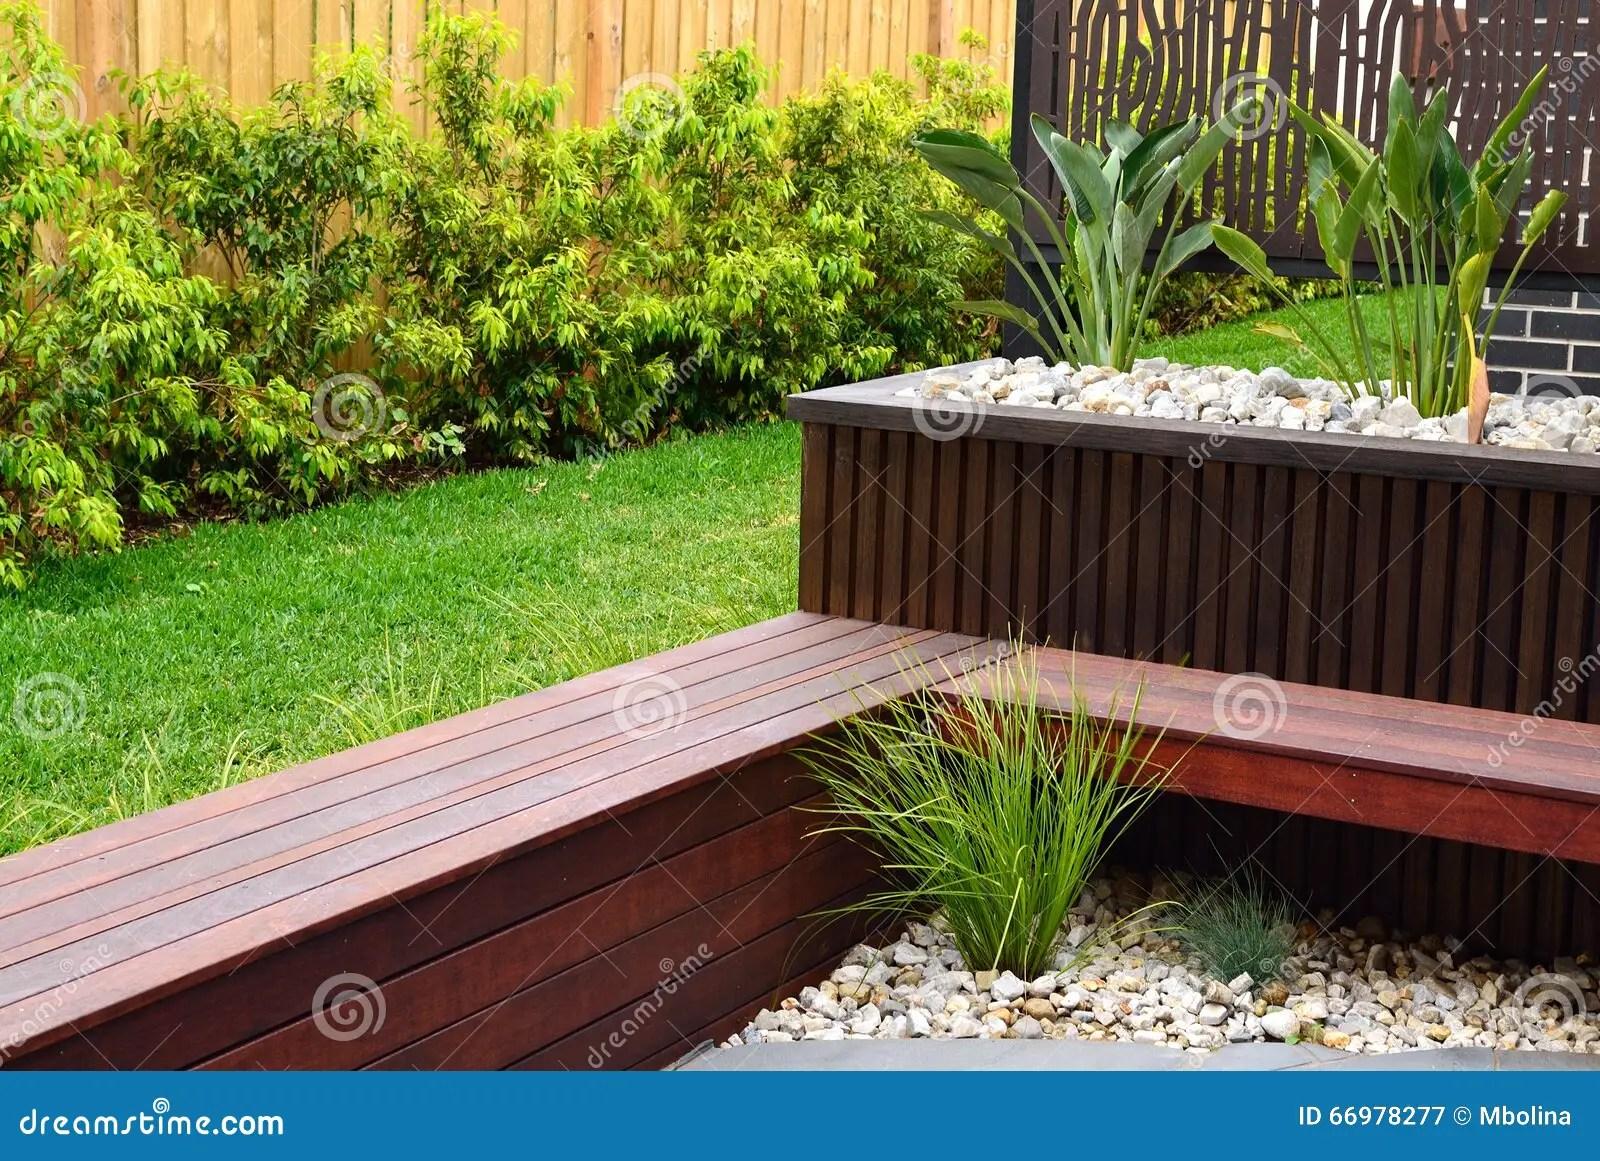 backyard kitchen designs high gloss cabinets 现代后院设计想法库存图片 图片包括有当代 装饰 拱道 工厂 正式 植物 排柱 装饰长凳和岩石的组合